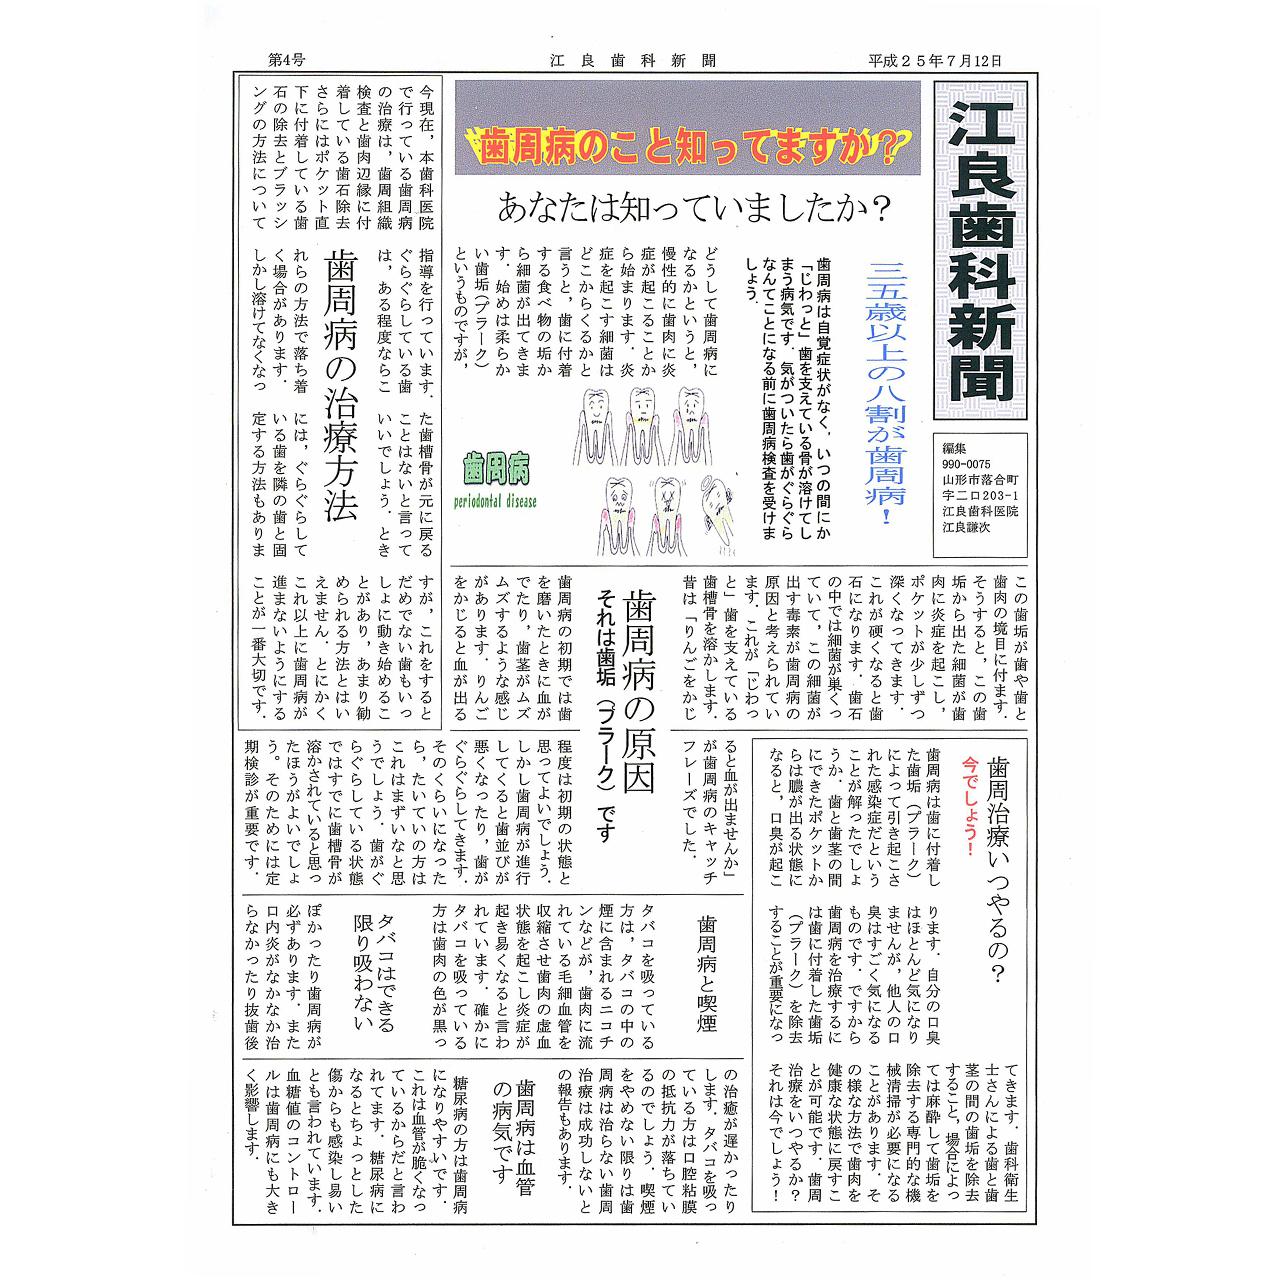 平成25年7月12日発行